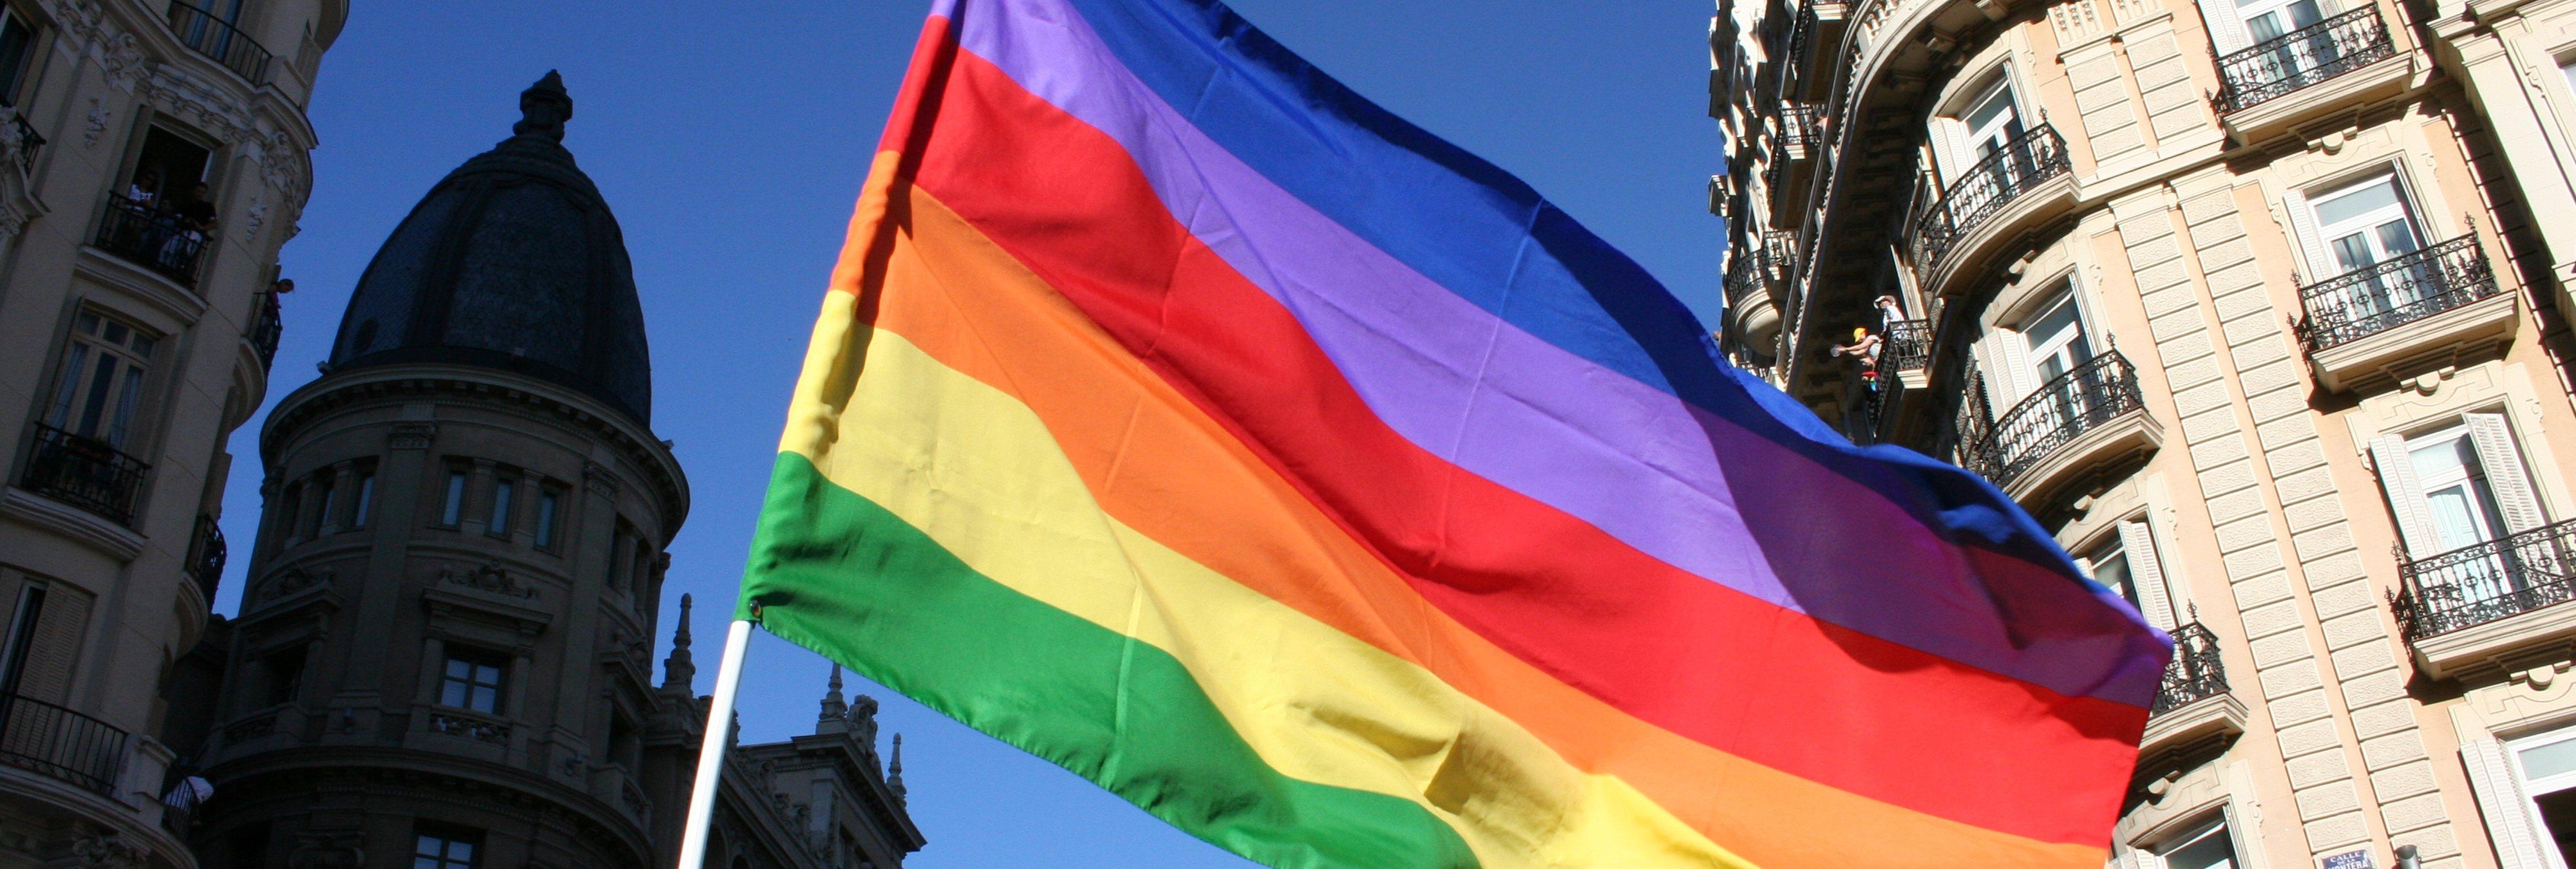 Carla Vigo, sobrina de la reina Letizia, quiere dar el pregón del Orgullo LGTB